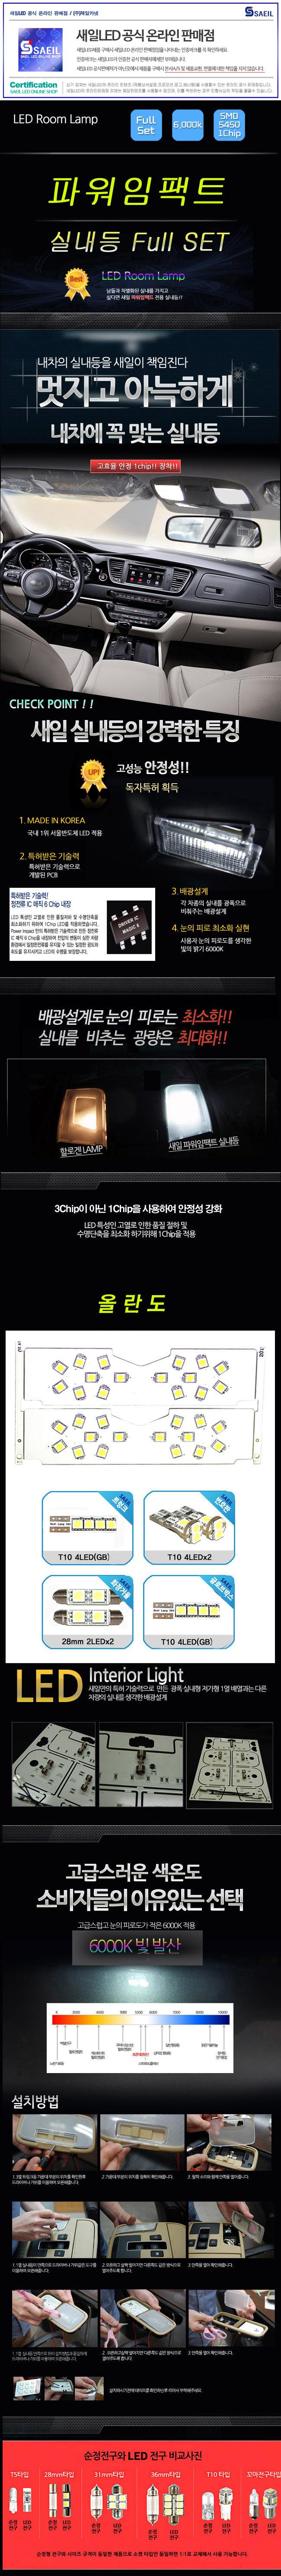 [파워임팩트] 새일 LED실내등 고급형 풀세트 _ 올란도